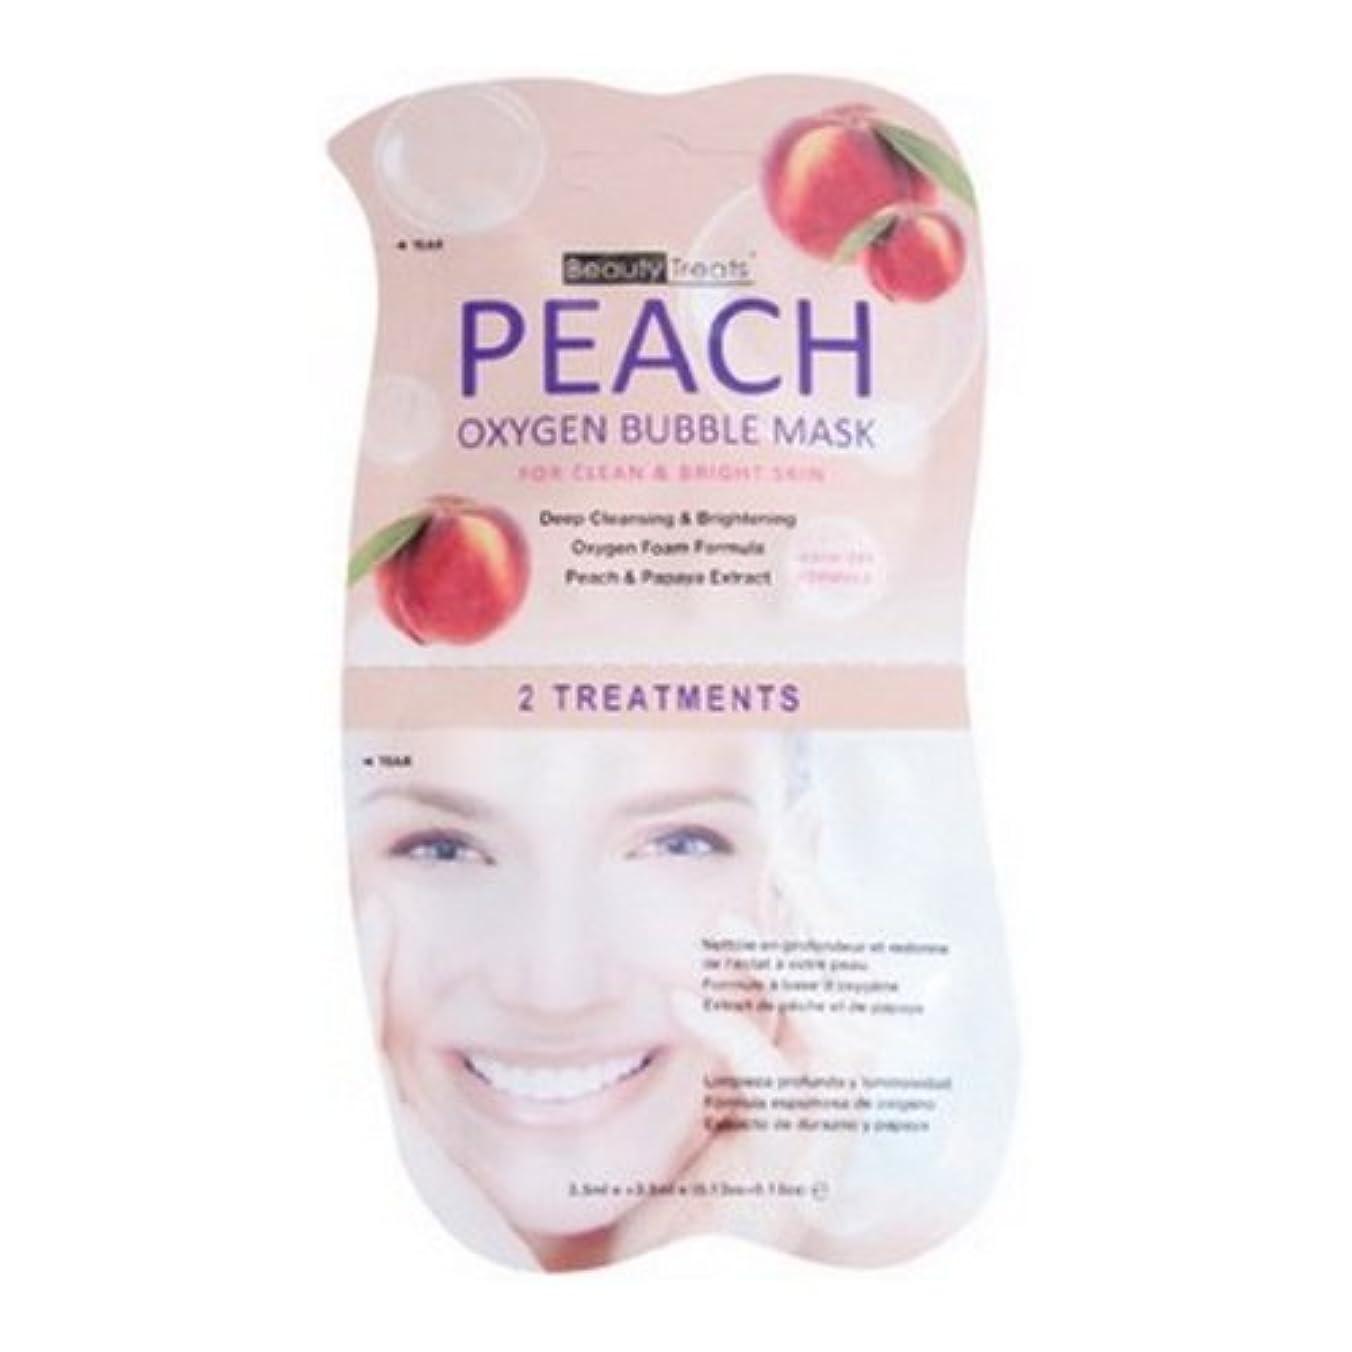 官僚コートセンター(3 Pack) BEAUTY TREATS Peach Oxygen Bubble Mask - Peach (並行輸入品)